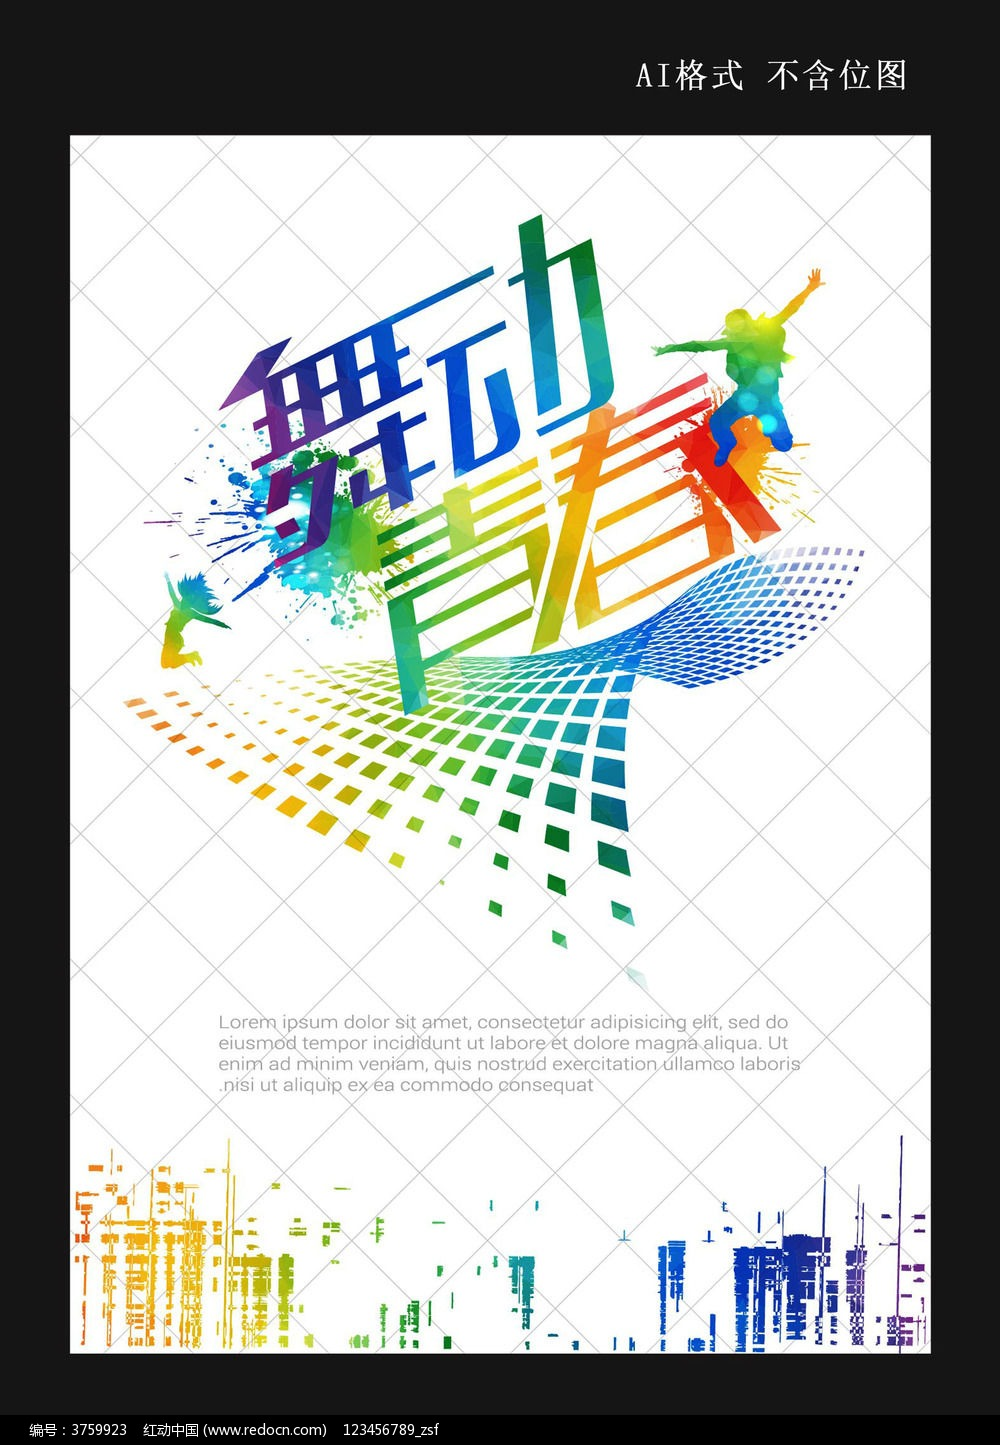 手绘舞动青春海报设计ai素材下载